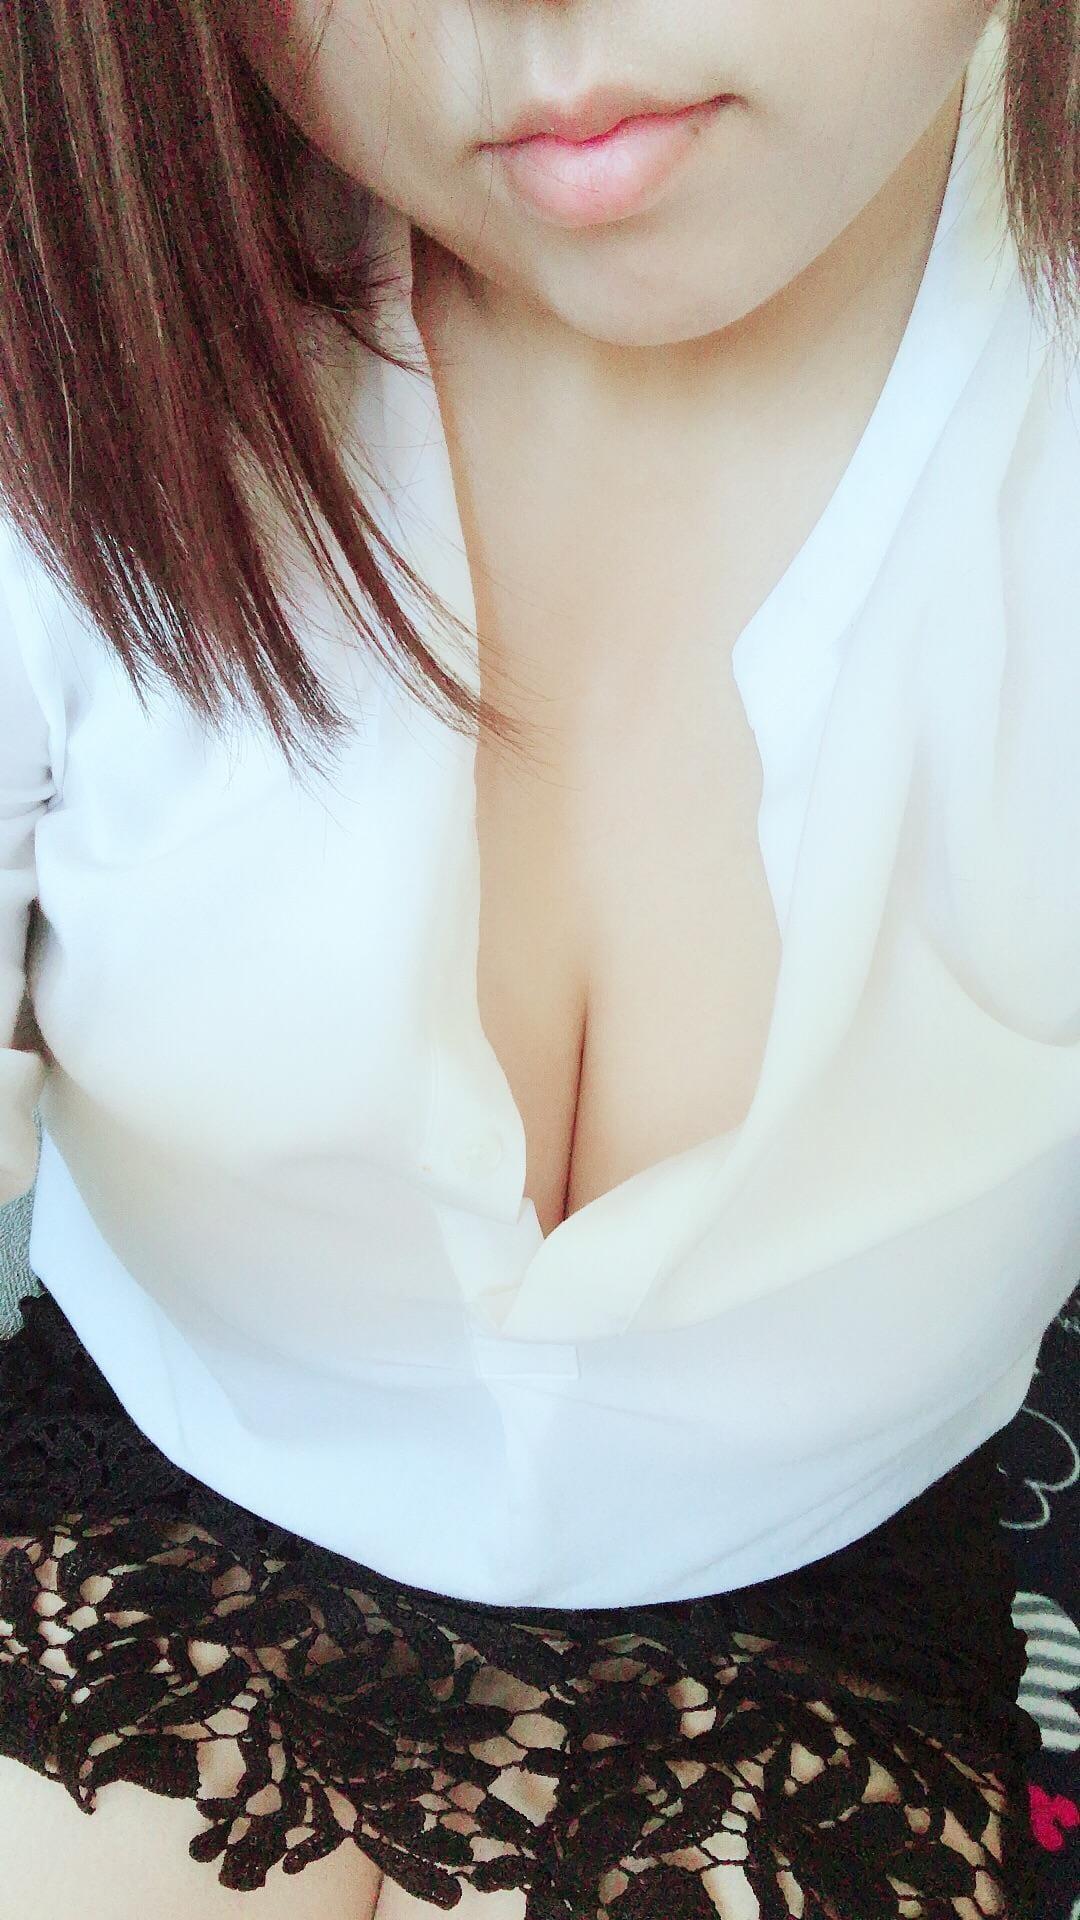 みずき「お礼」11/14(水) 02:57 | みずきの写メ・風俗動画